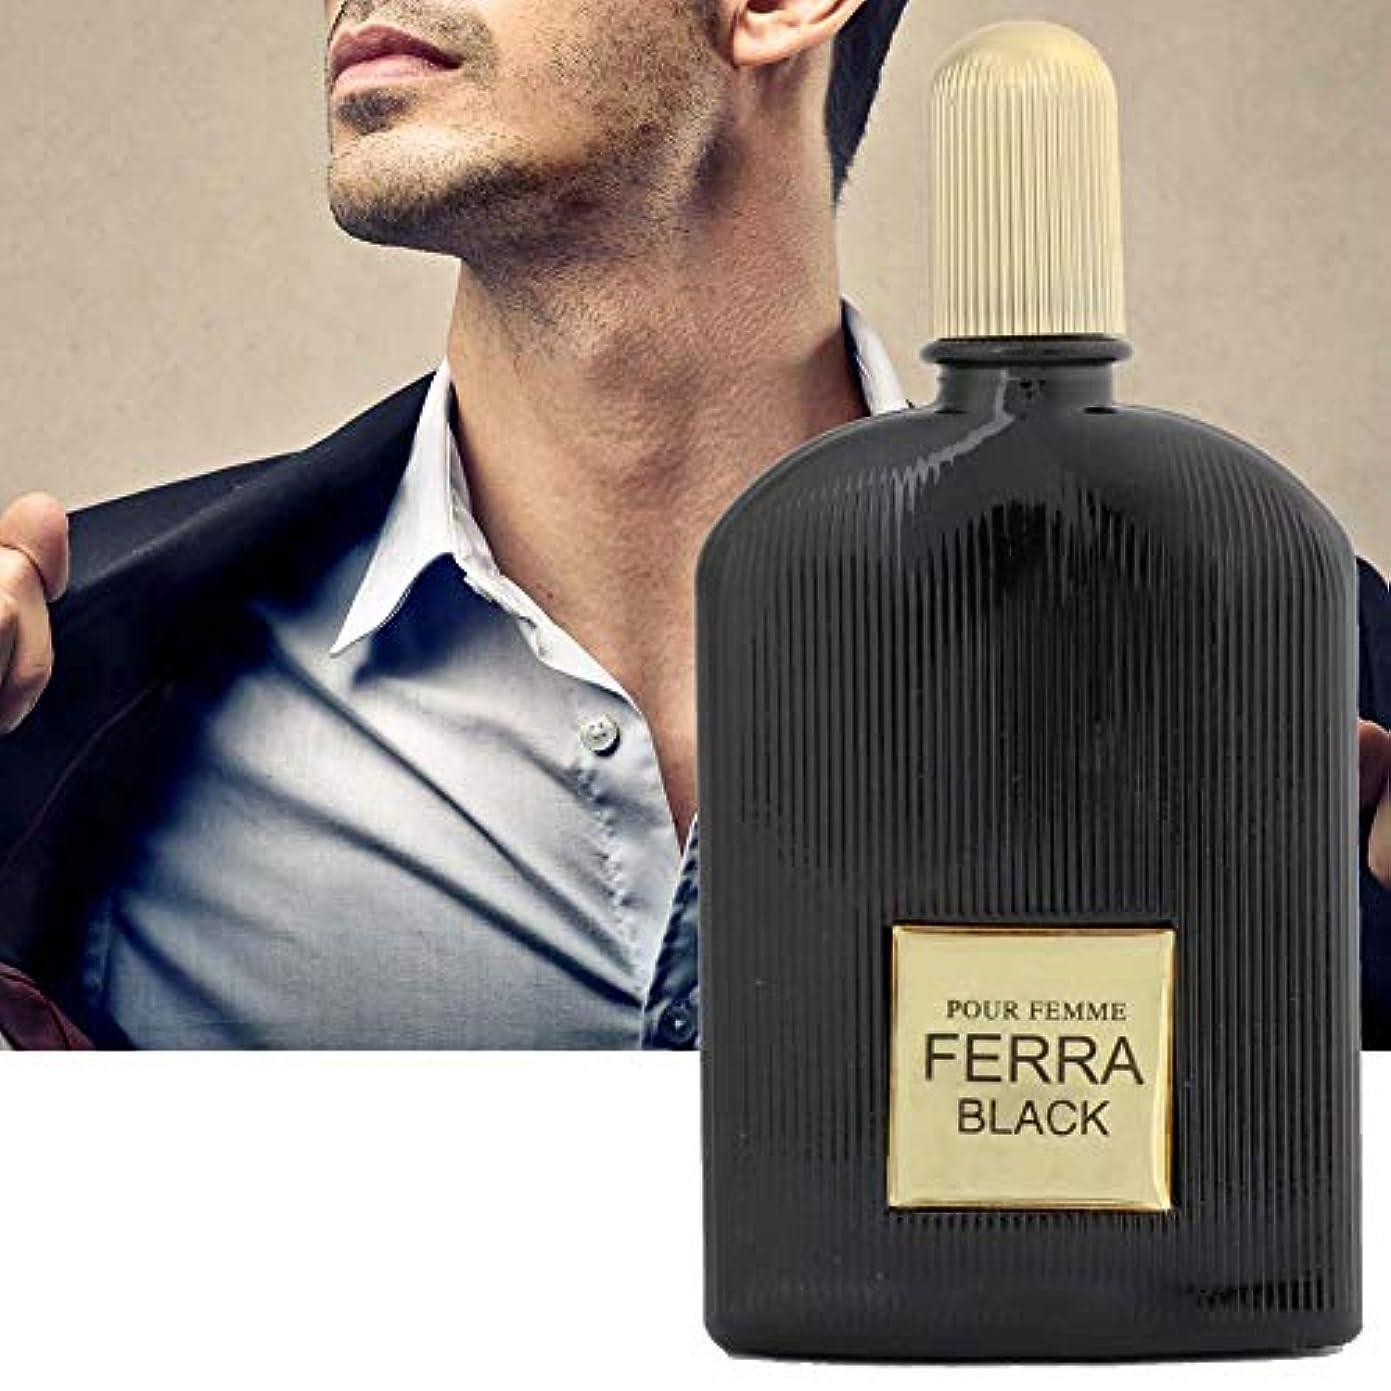 お香ぼんやりしたクレア男性用香水、100ml女性用男性香水香水ガラス瓶フラワー香水、紳士長持ちする液体フレッシュサマー香水ビジネスディナーと予定